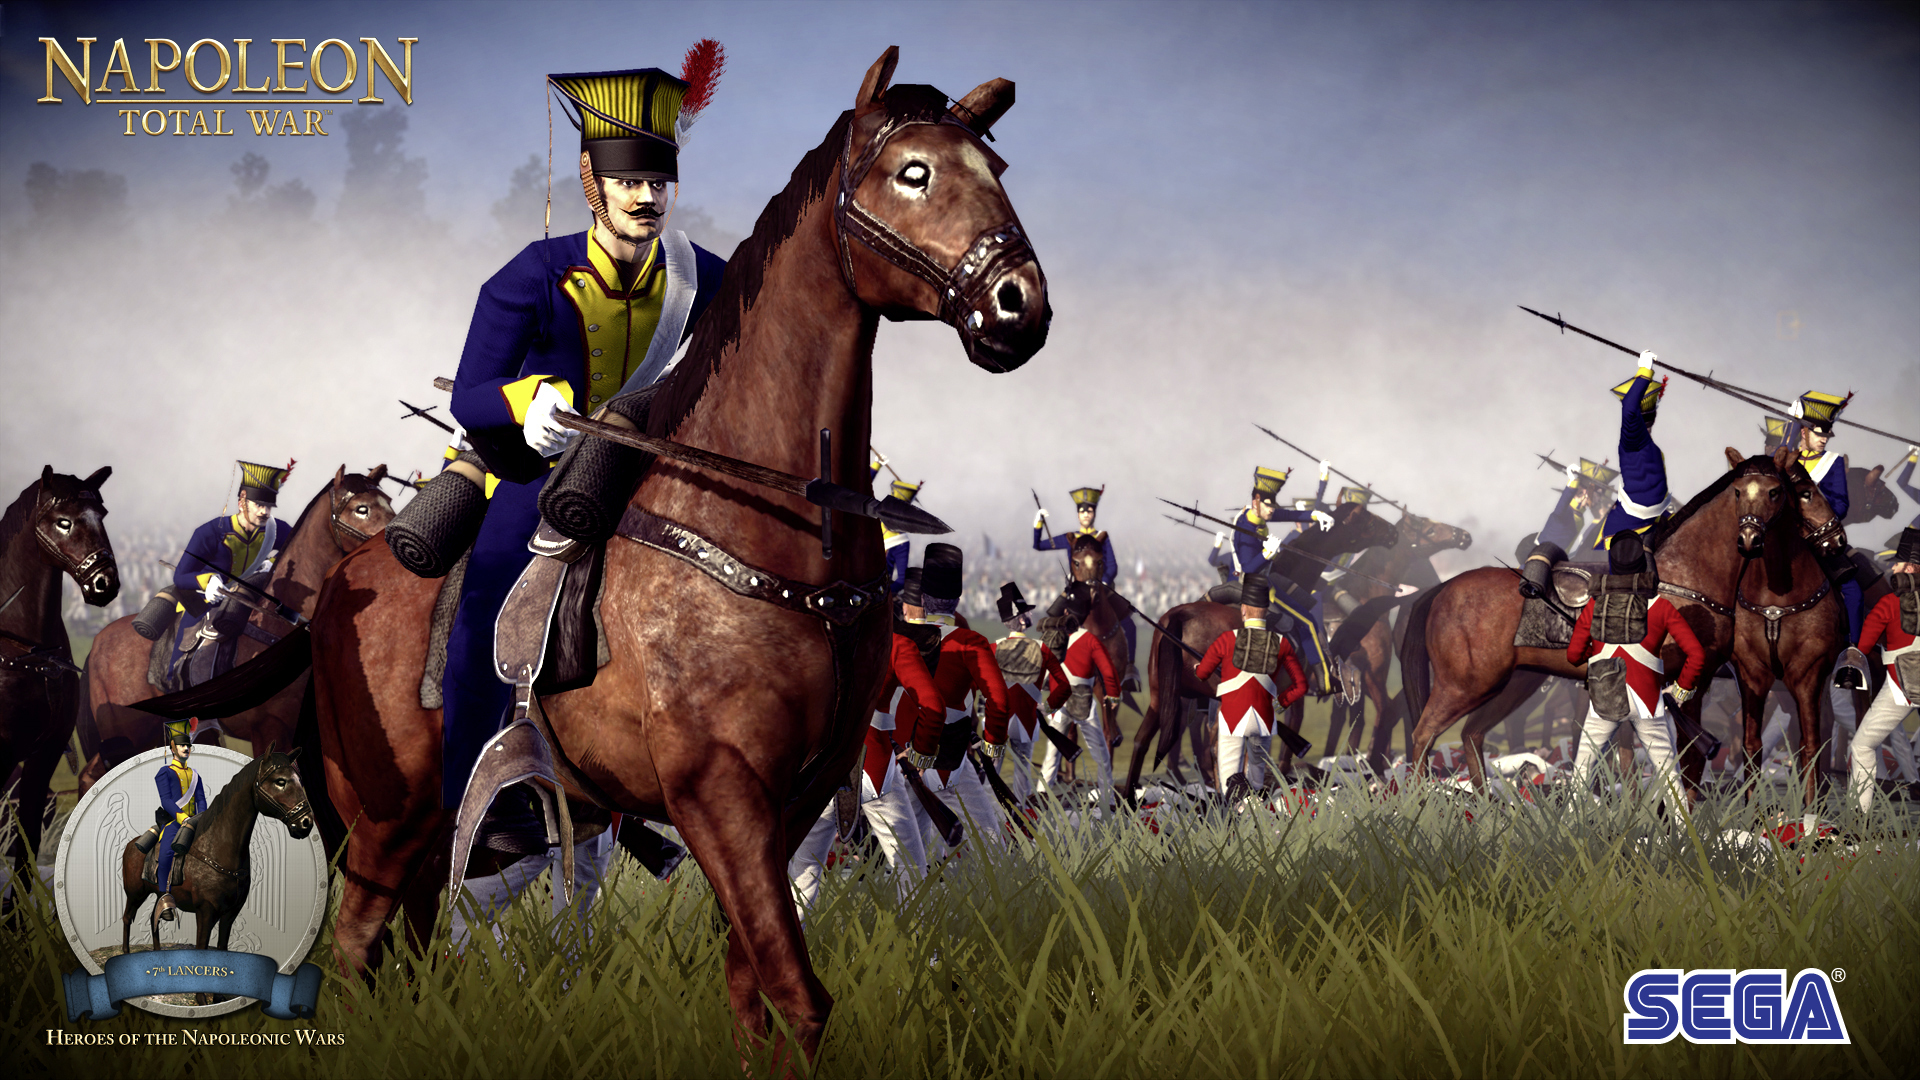 napoleon total war keygen steam